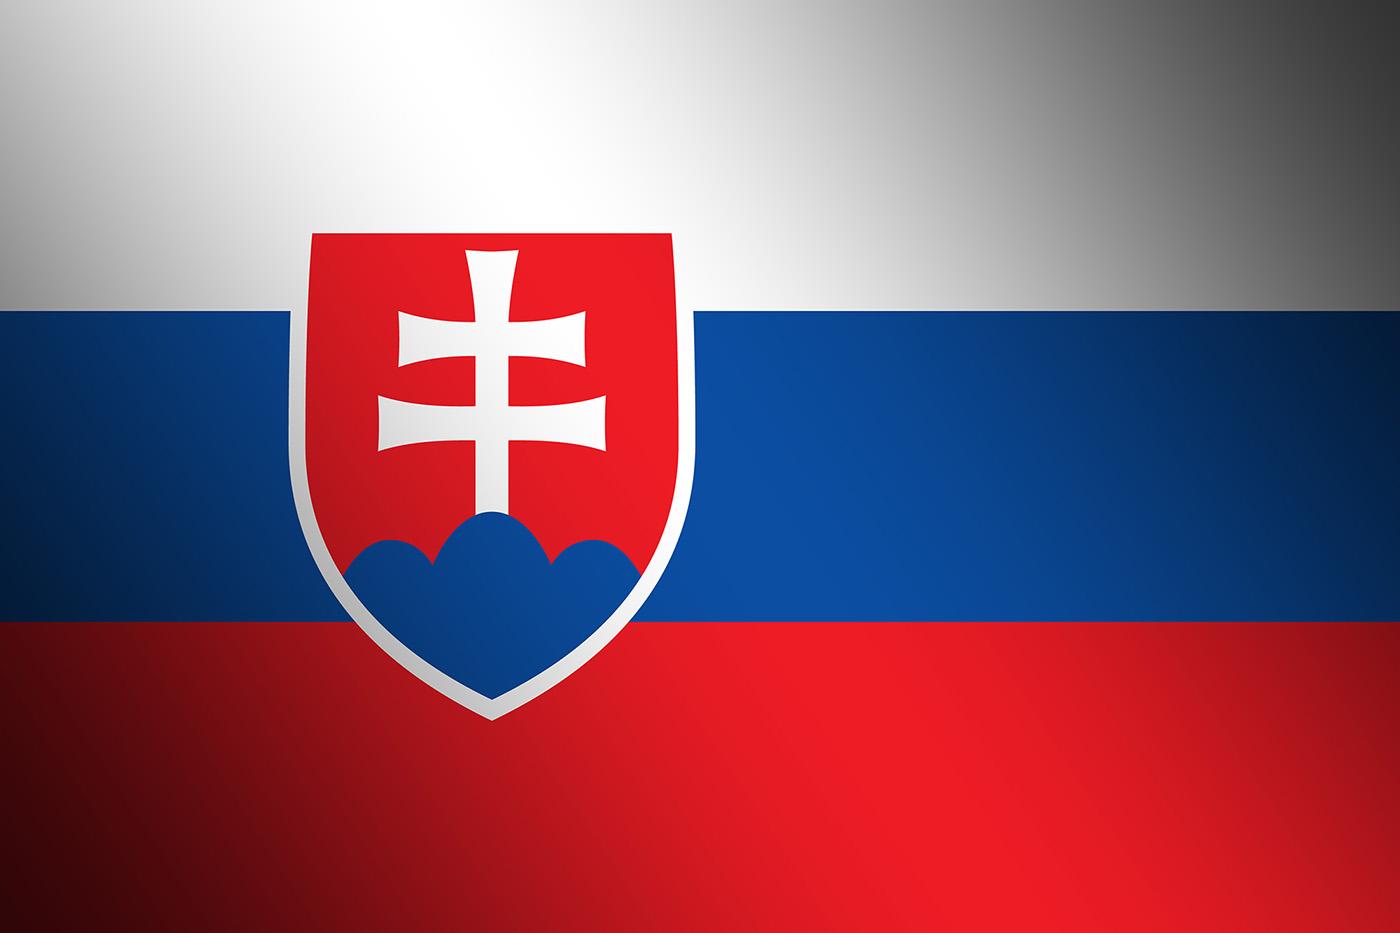 flag-slovakia-1400x933.jpg